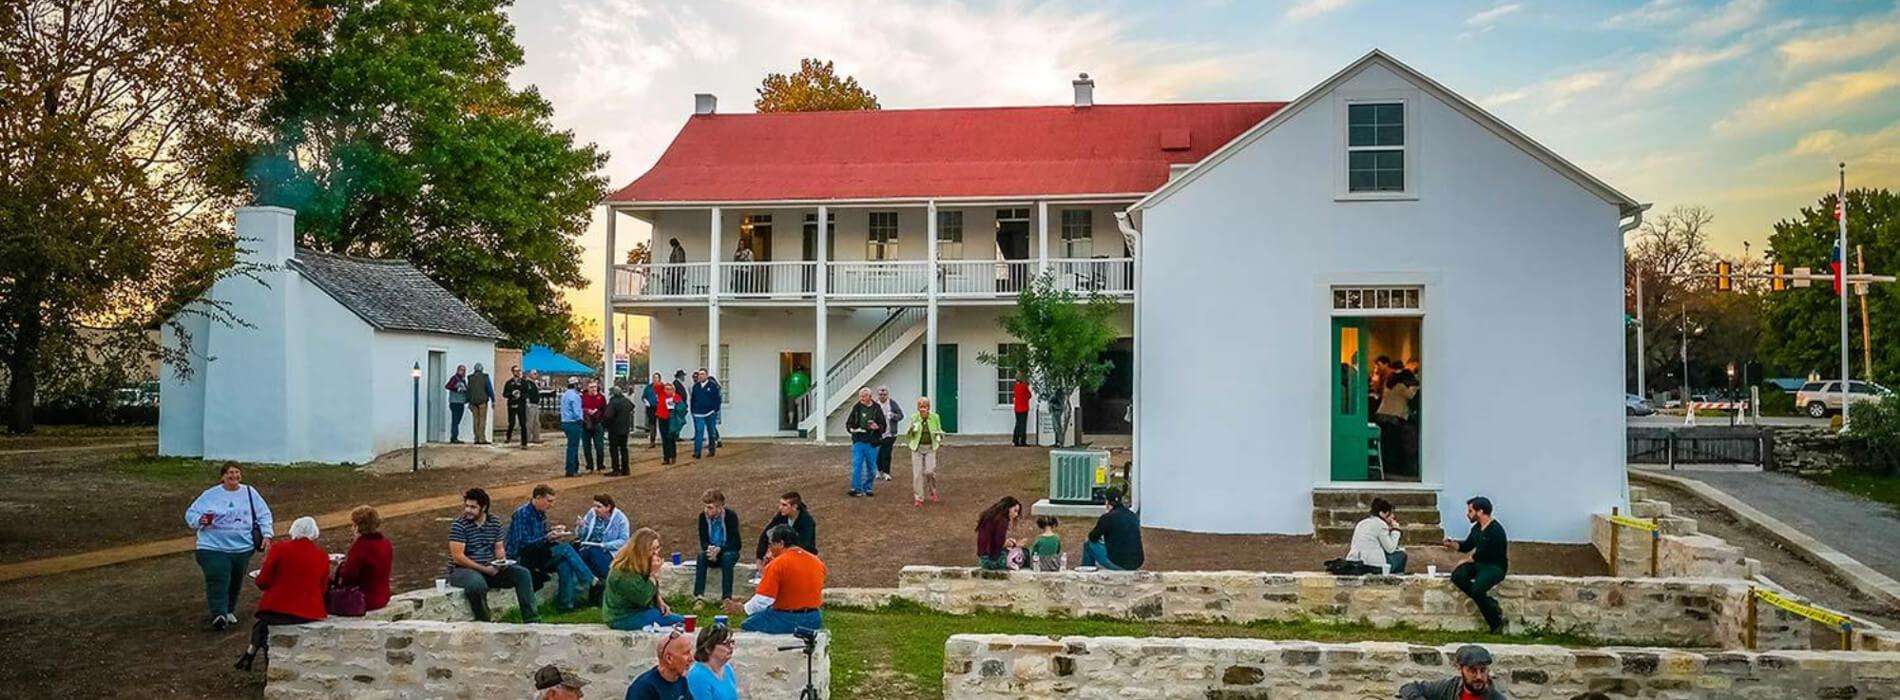 Landmark Inn, Castroville, TX